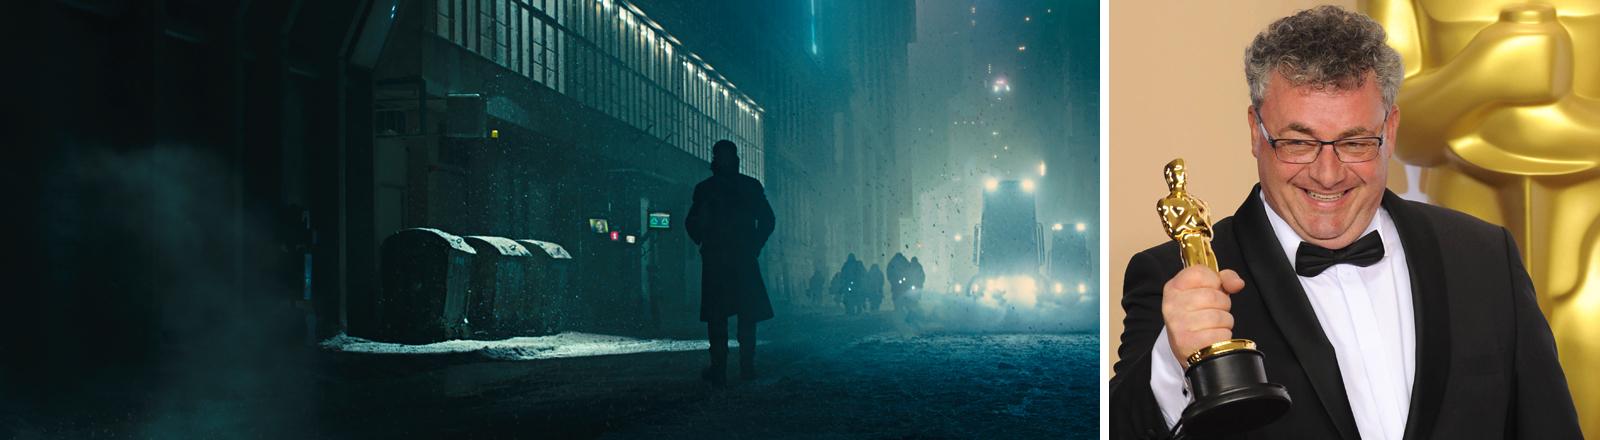 Szene aus Blade Runner 2019, Gerd Nefzer mit seinem Oscar für Visual Effect